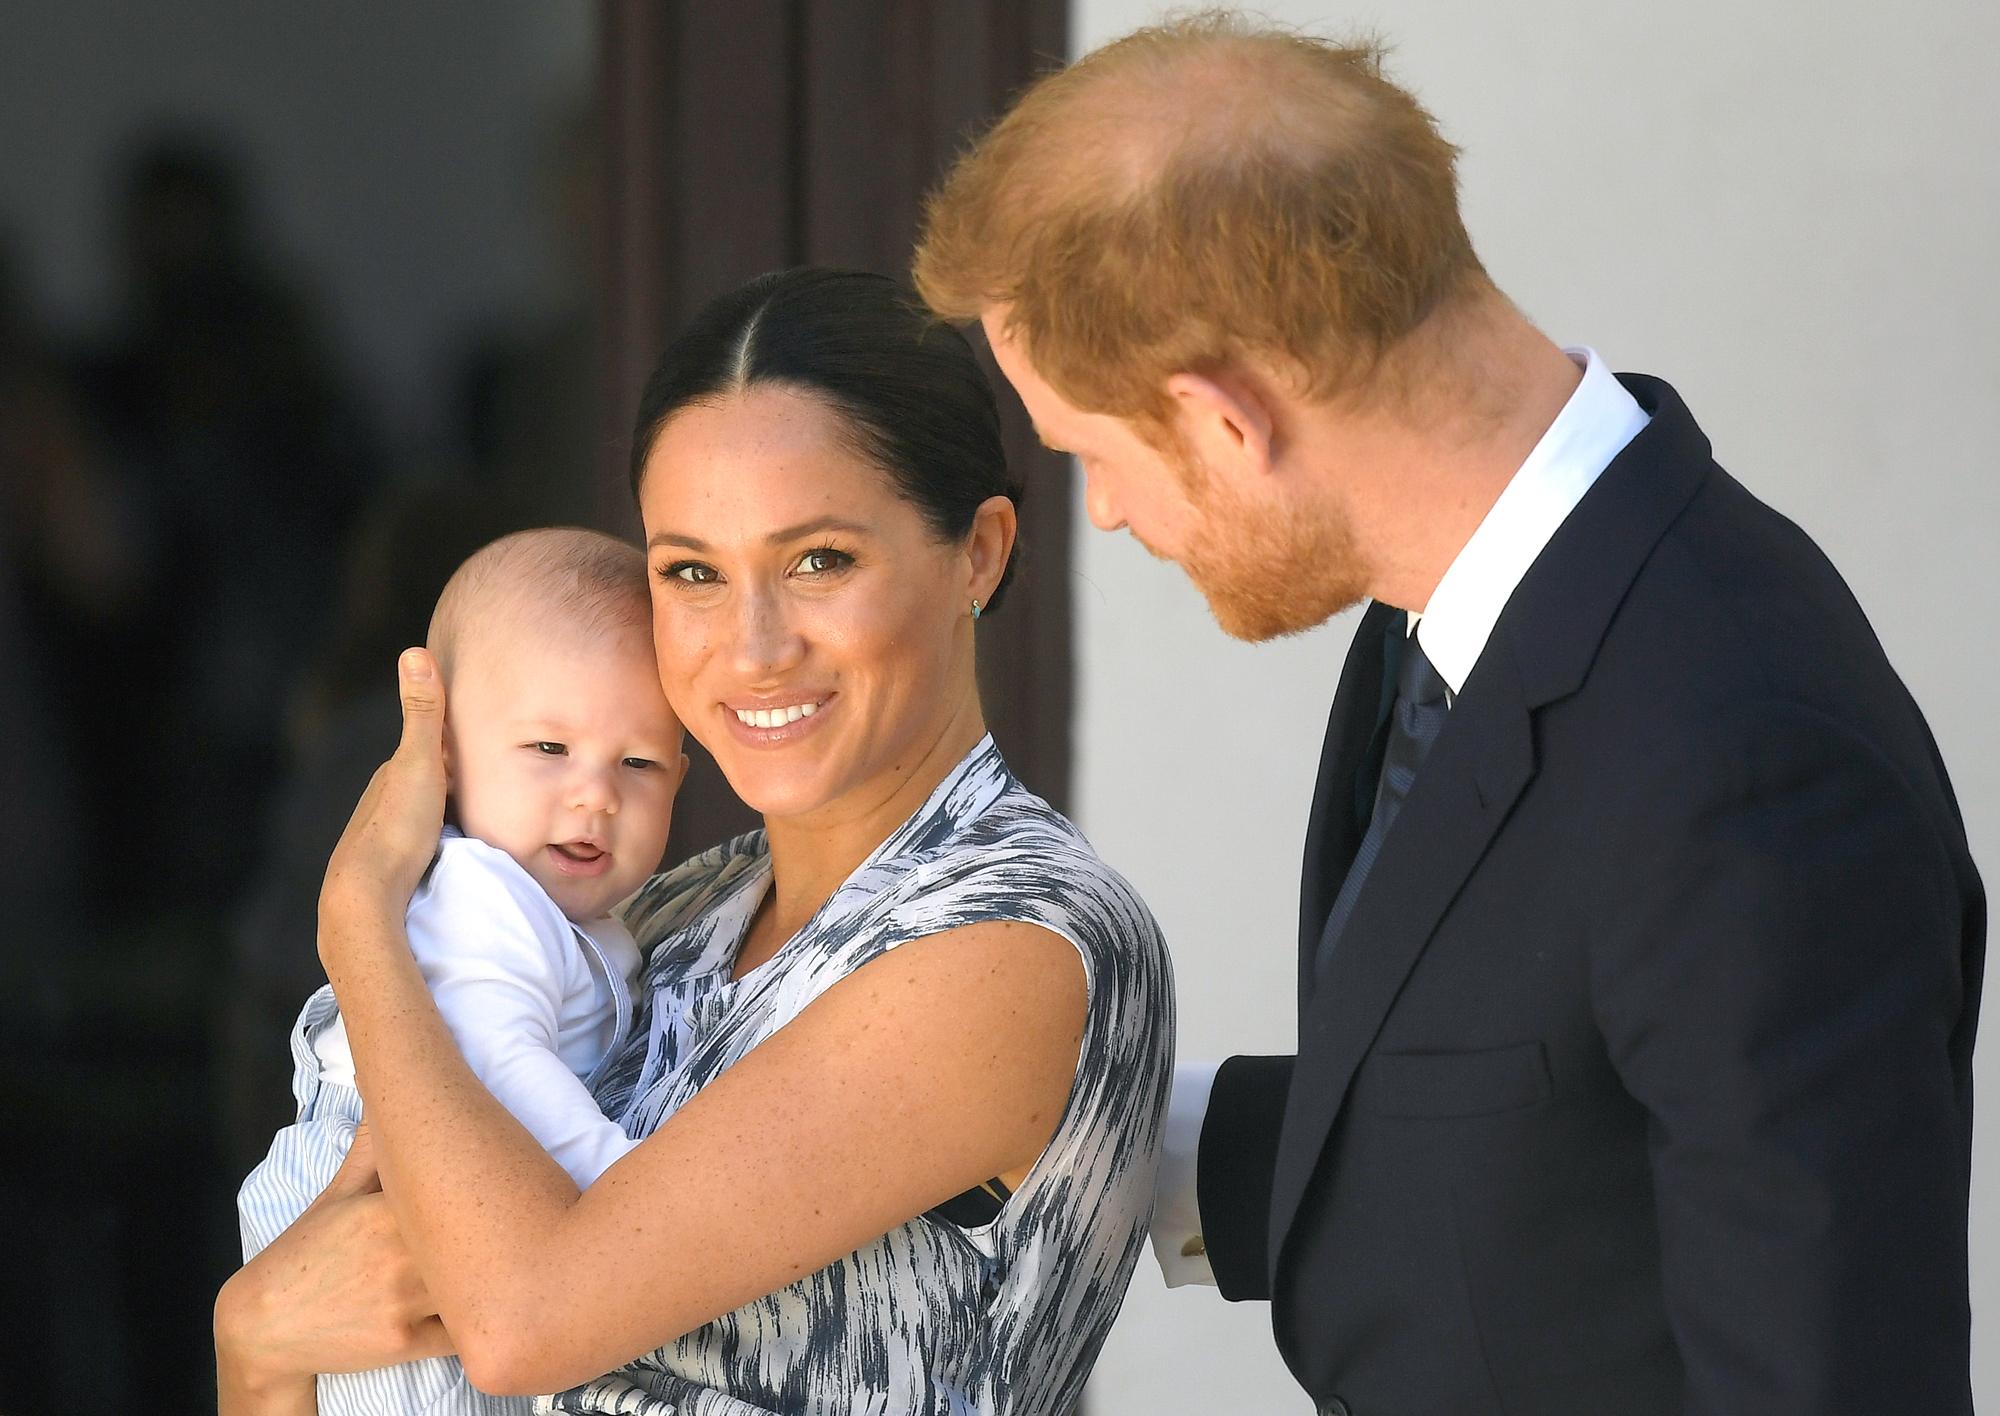 Interviul cu prințul Harry și Meghan a fost difuzat. Fosta ducesă a vrut să se sinucidă